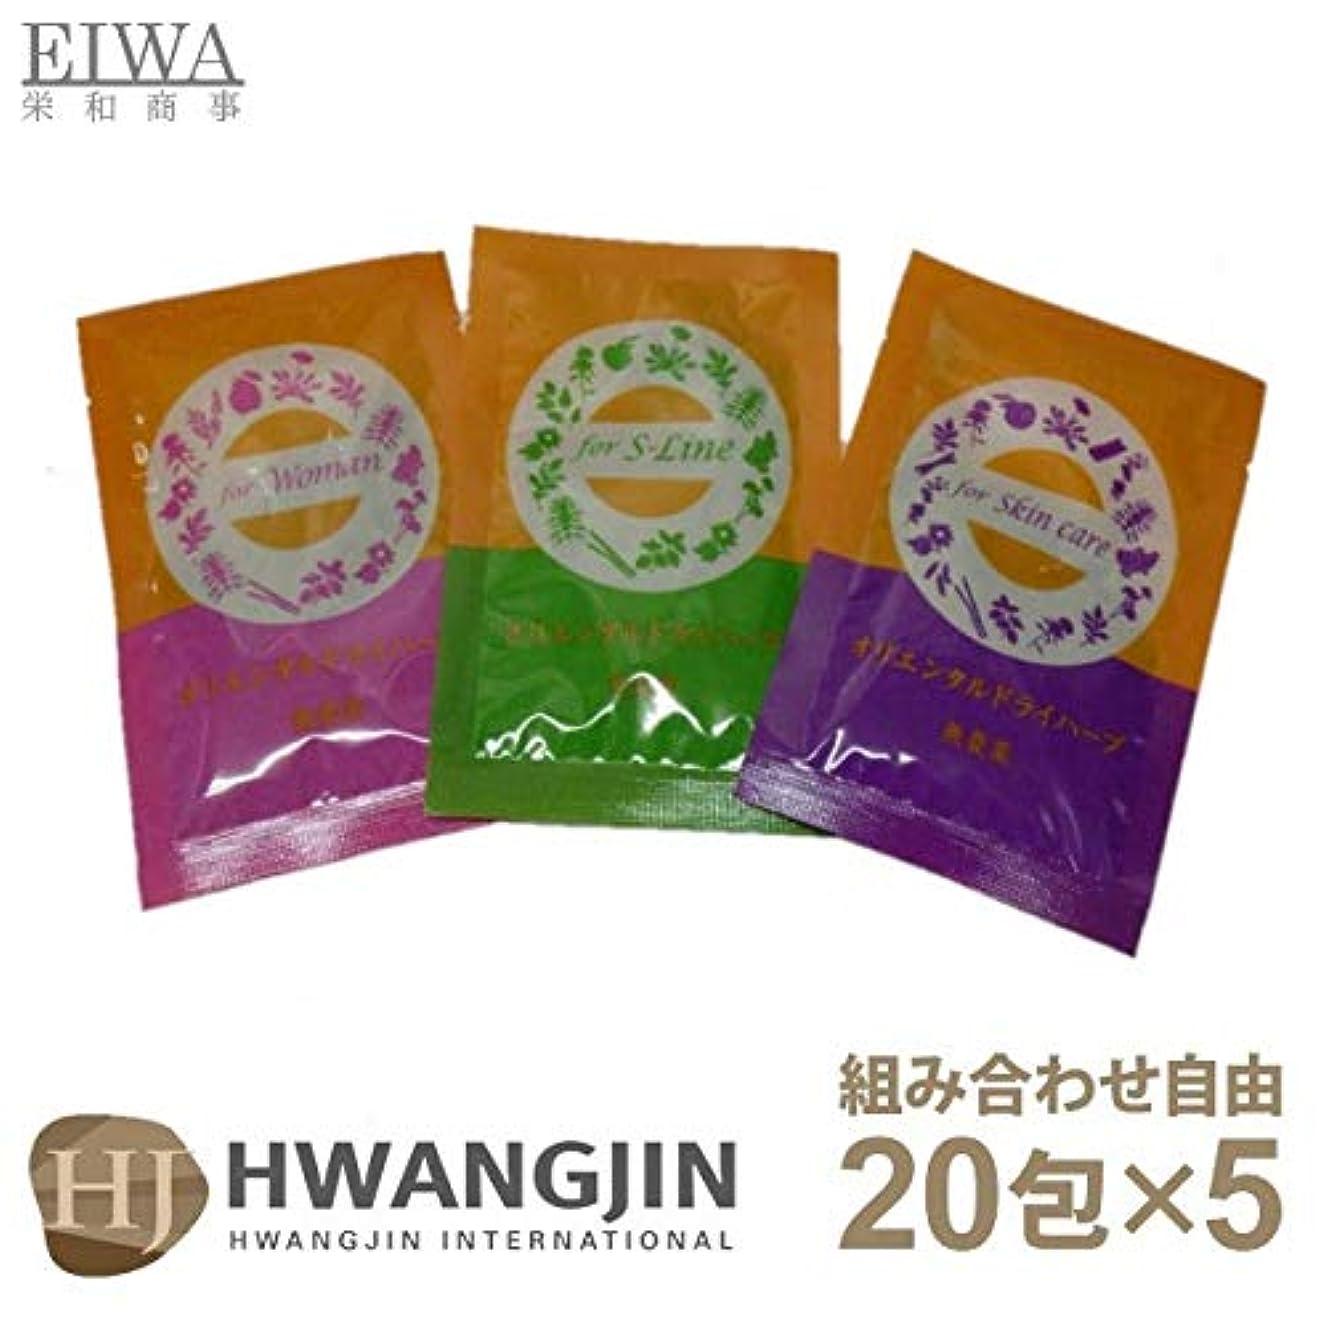 上流のフォアマン恨みファンジン黄土 座浴剤 組合せ自由 3種 計5袋 (100包) 1.2kg